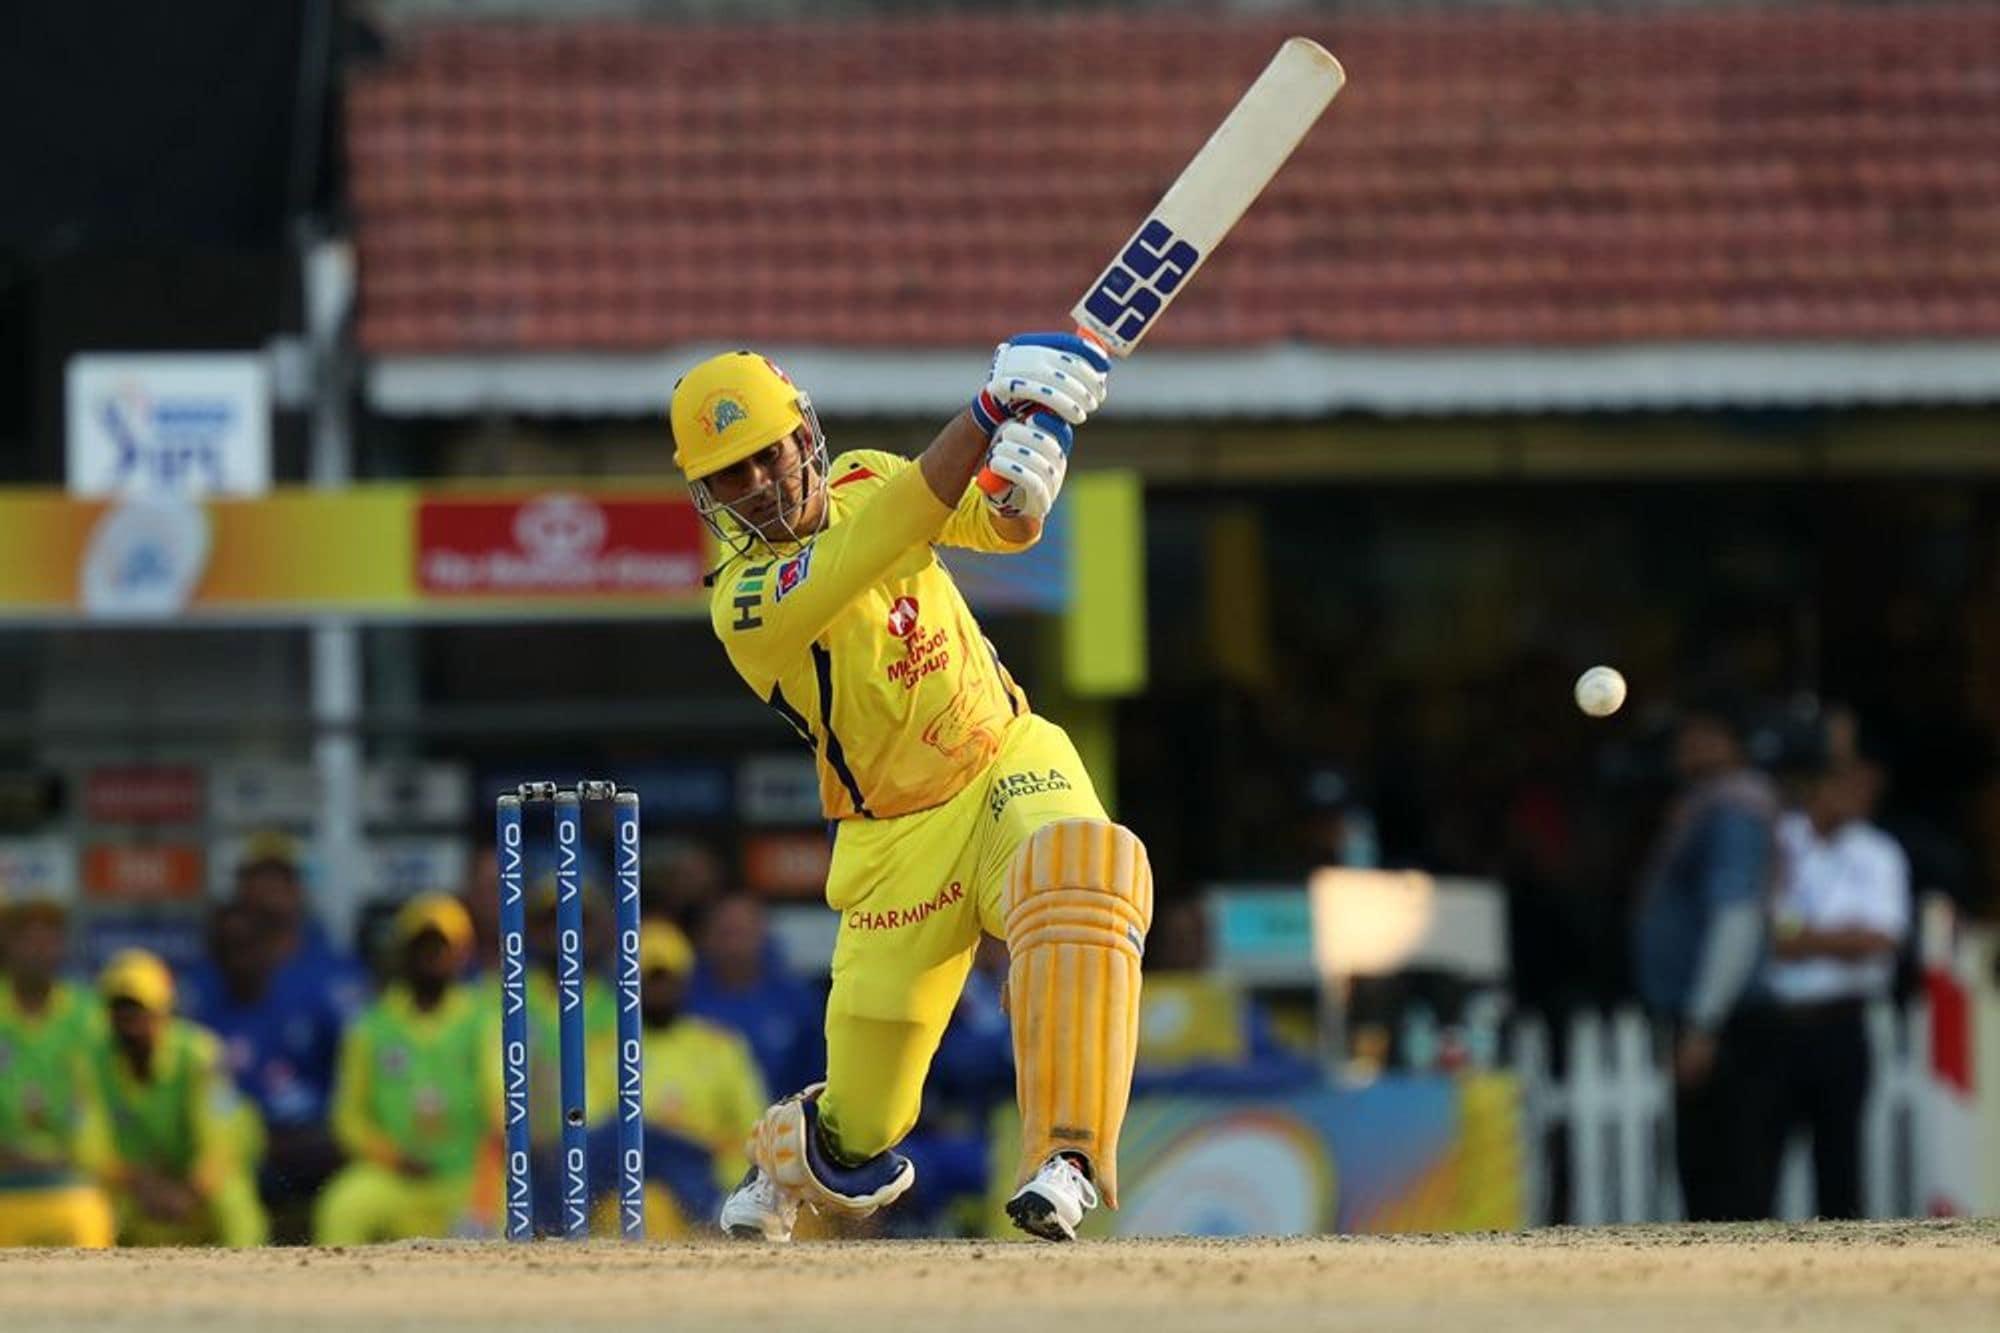 இந்தப்போட்டியில் டாஸ் வென்று பேட்டிங்கைத் தேர்வு செய்த சென்னை அணி 20 ஓவர்கள் முடிவில் 3 விக்கெட்டுகளை இழந்து 160 ரன்கள் எடுத்தது.